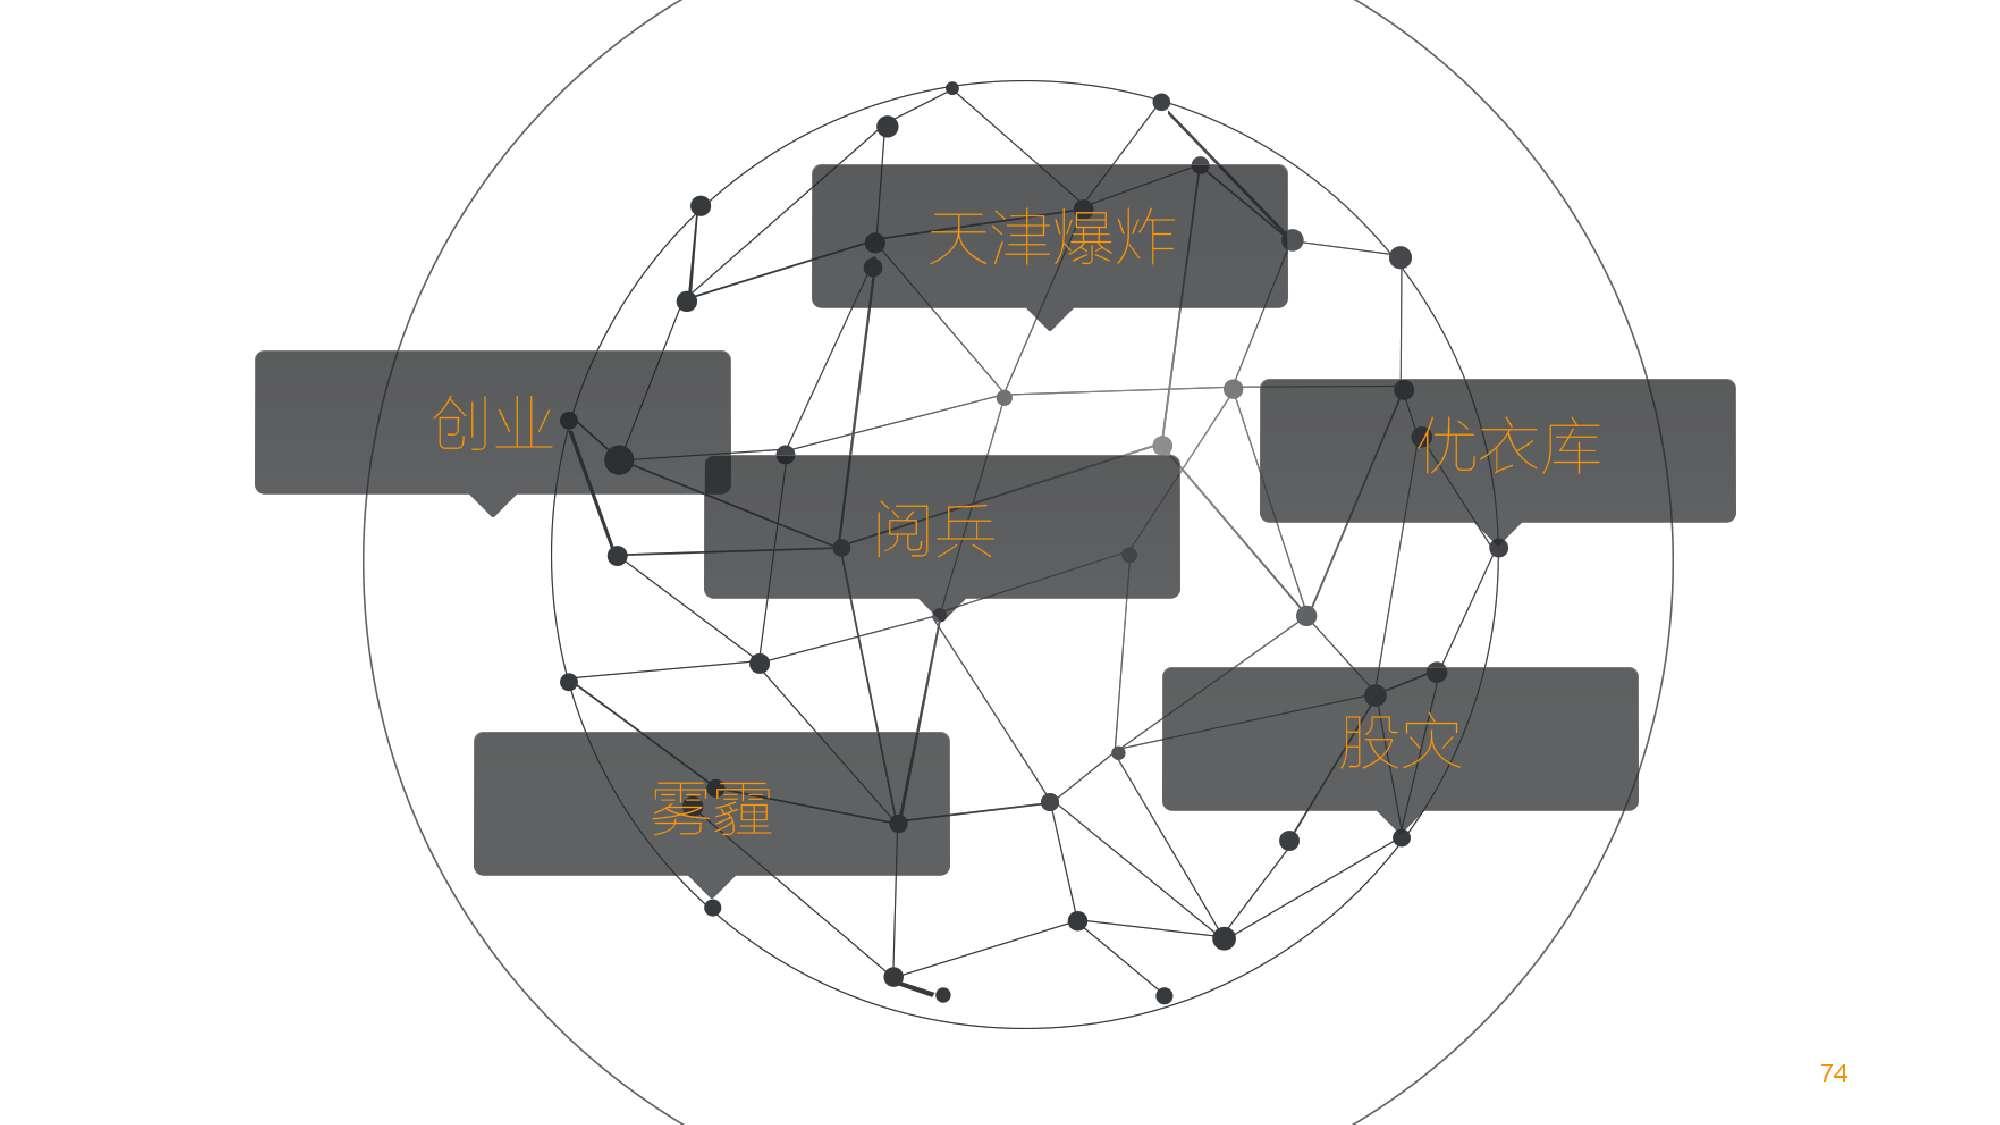 中国智能出行2015大数据报告_000074